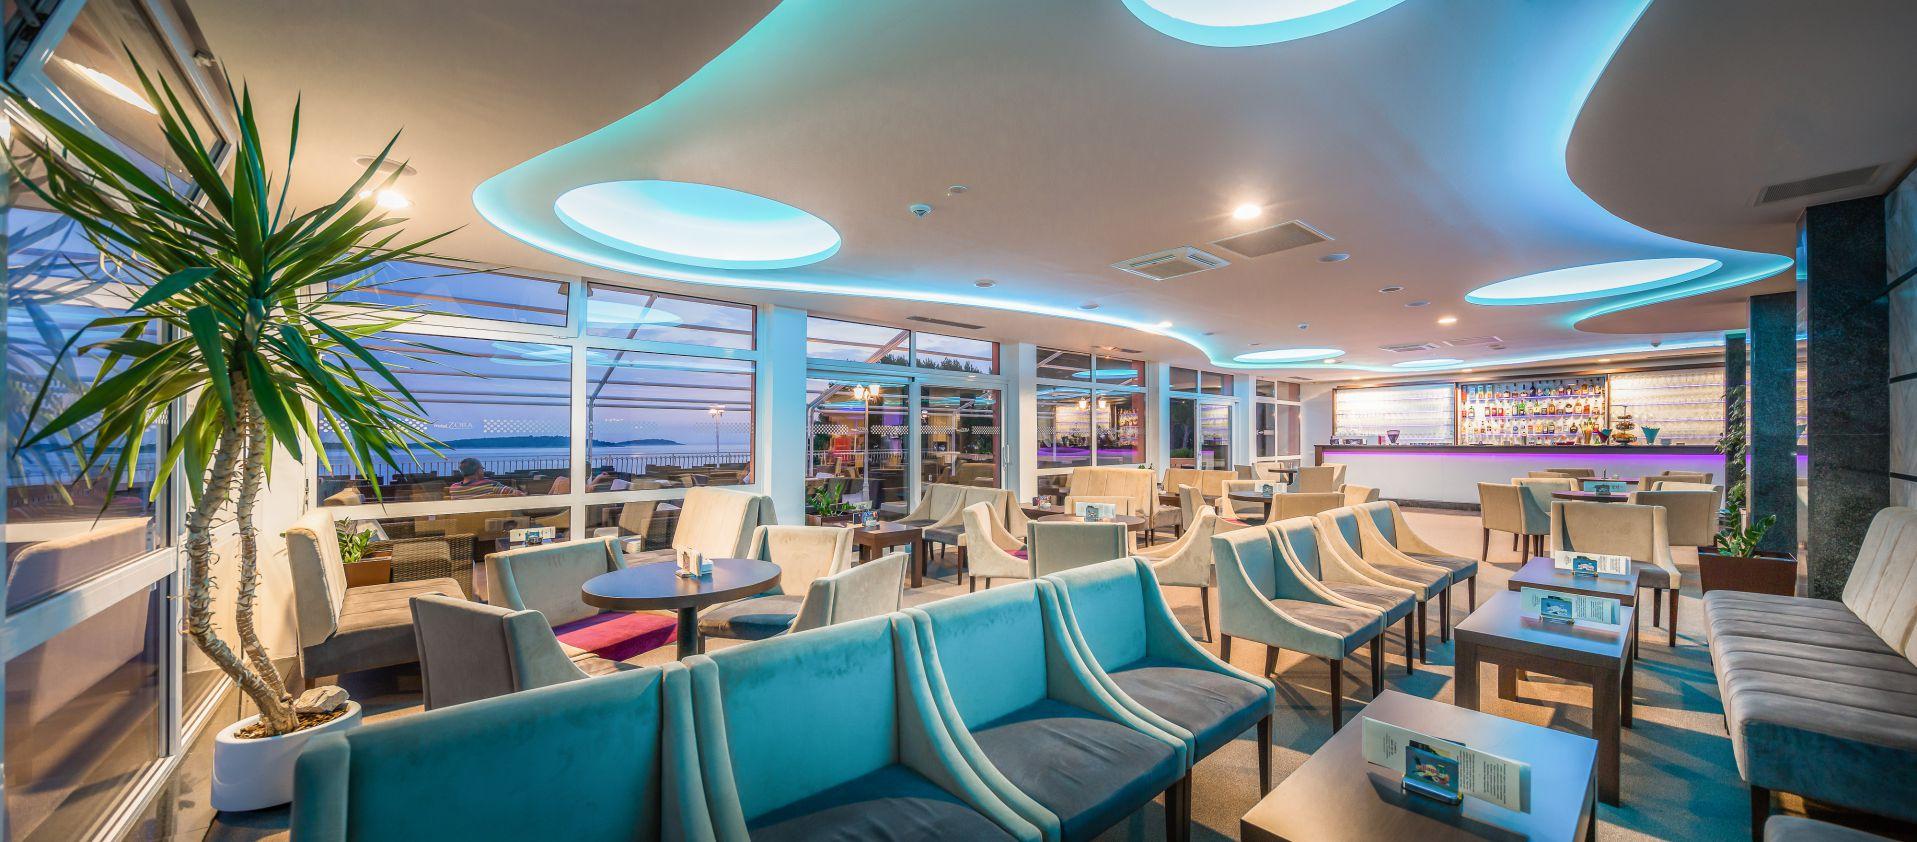 aperitif bar 03 14823358004 o - Zora Hotel